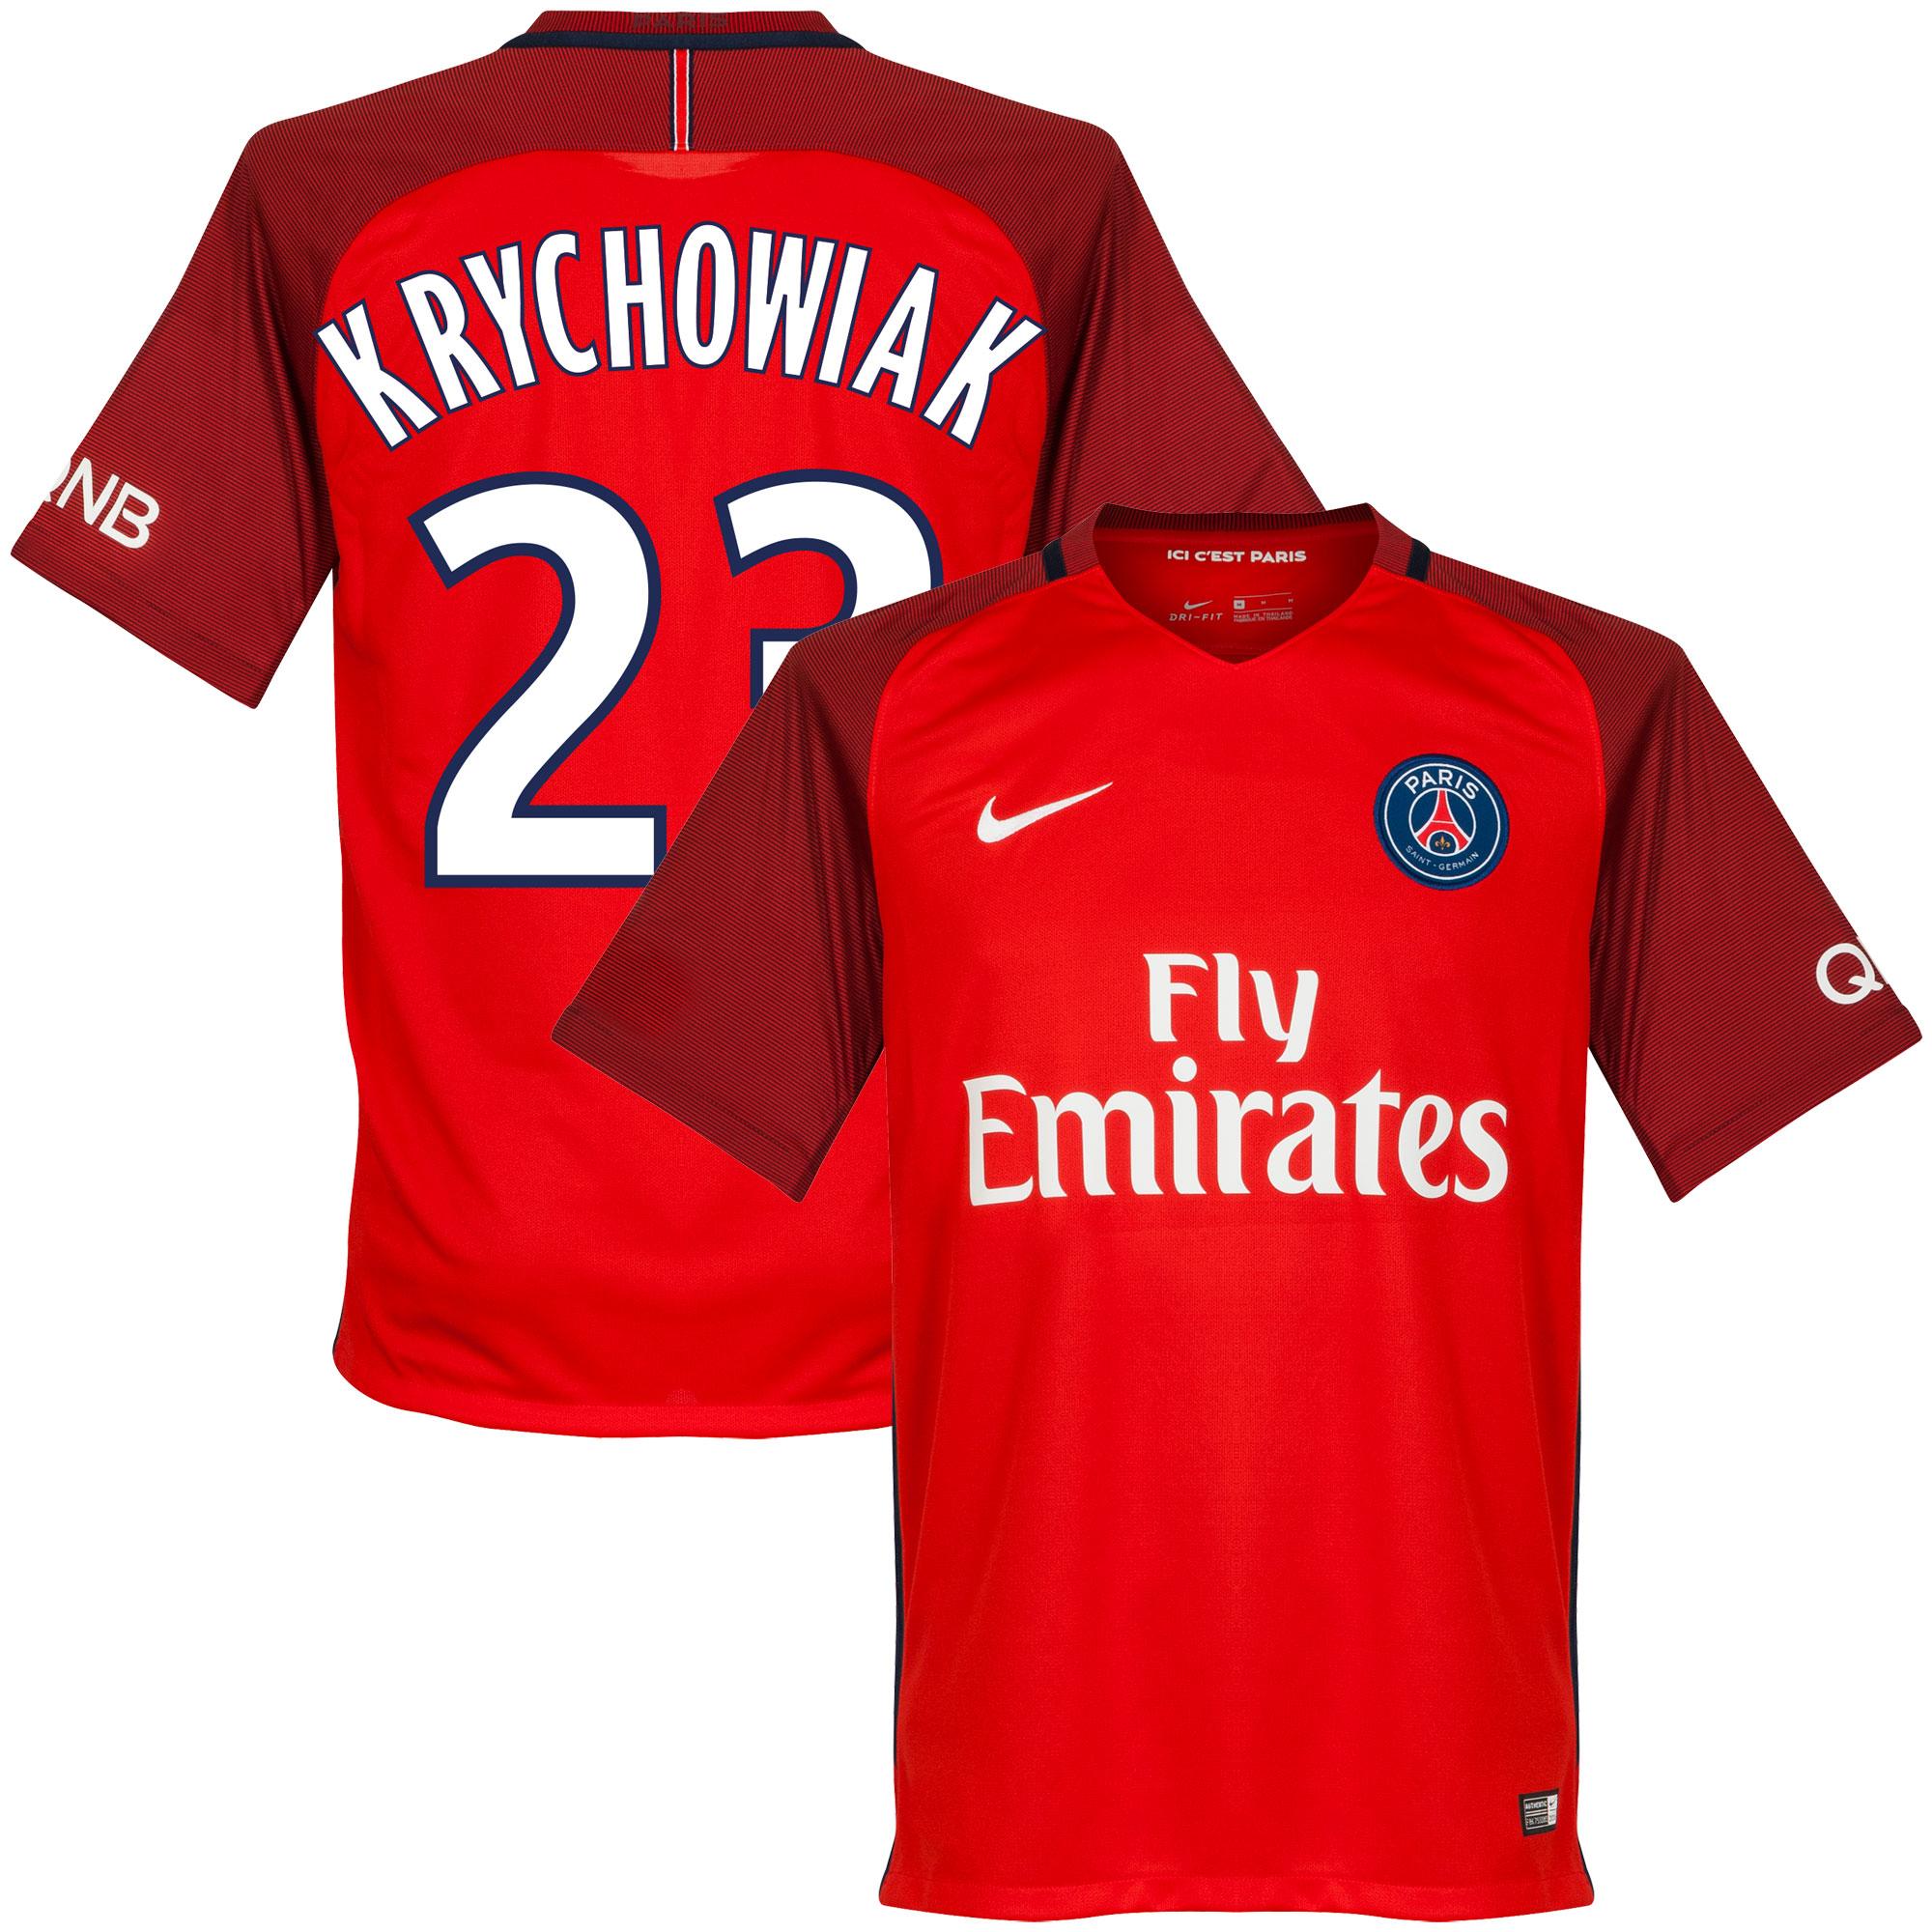 PSG Away Krychowiak Jersey 2016 / 2017 (Fan Style Printing) - M